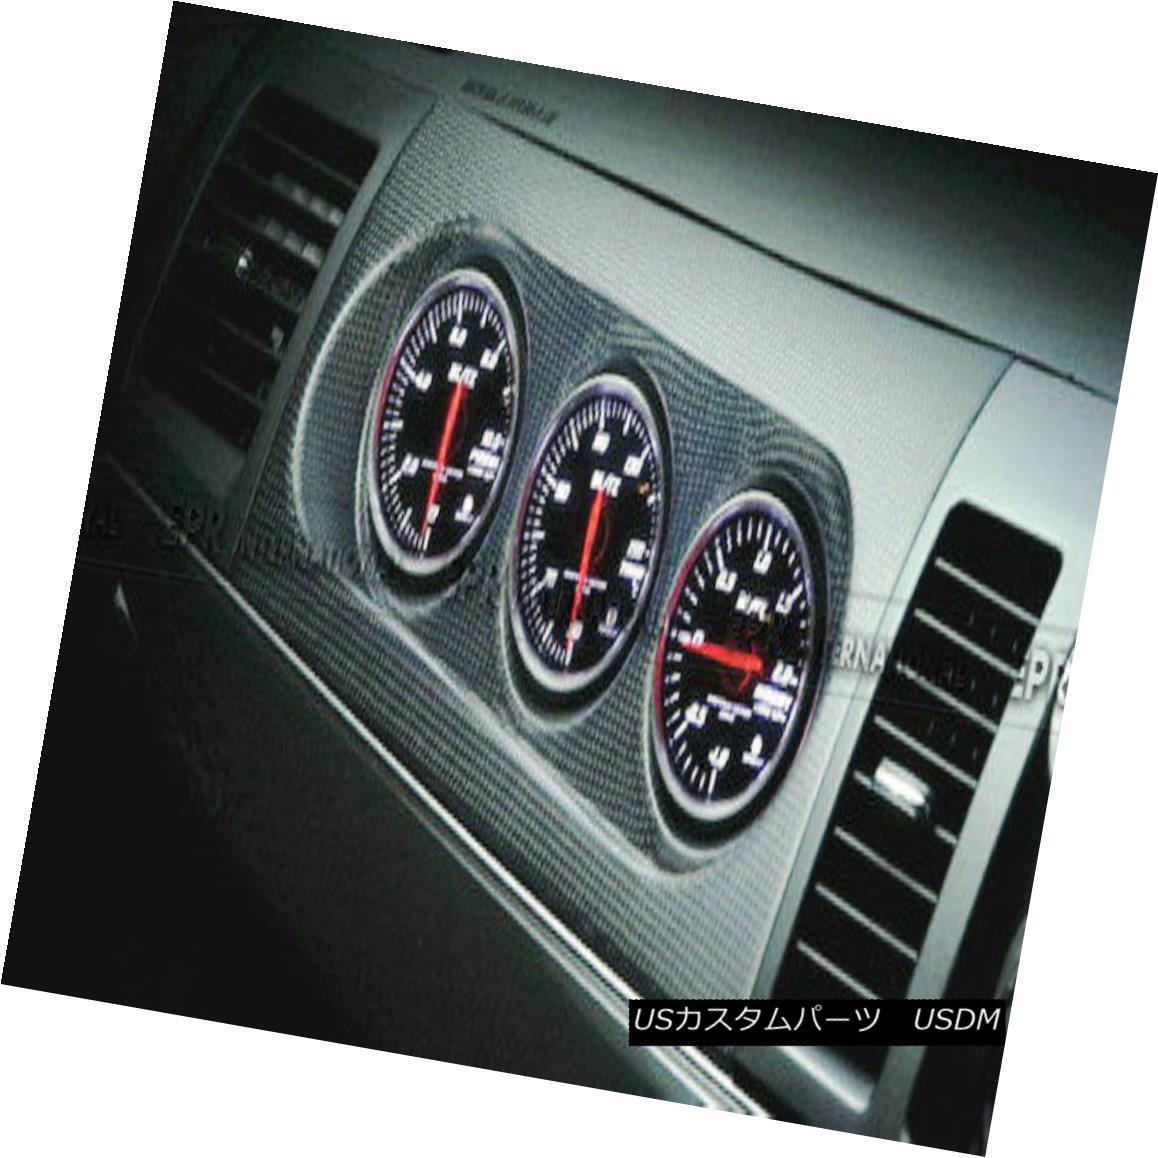 車用品 バイク用品 >> パーツ 外装 エアロパーツ その他 売店 Carbon Fiber For Evolution 10 Cover 60mm Triple Gauge Pod M7スタイルトリプルゲージポッドホルダーカバー60mm 売れ筋ランキング RHD 進化のための炭素繊維10 M7 Holder Style